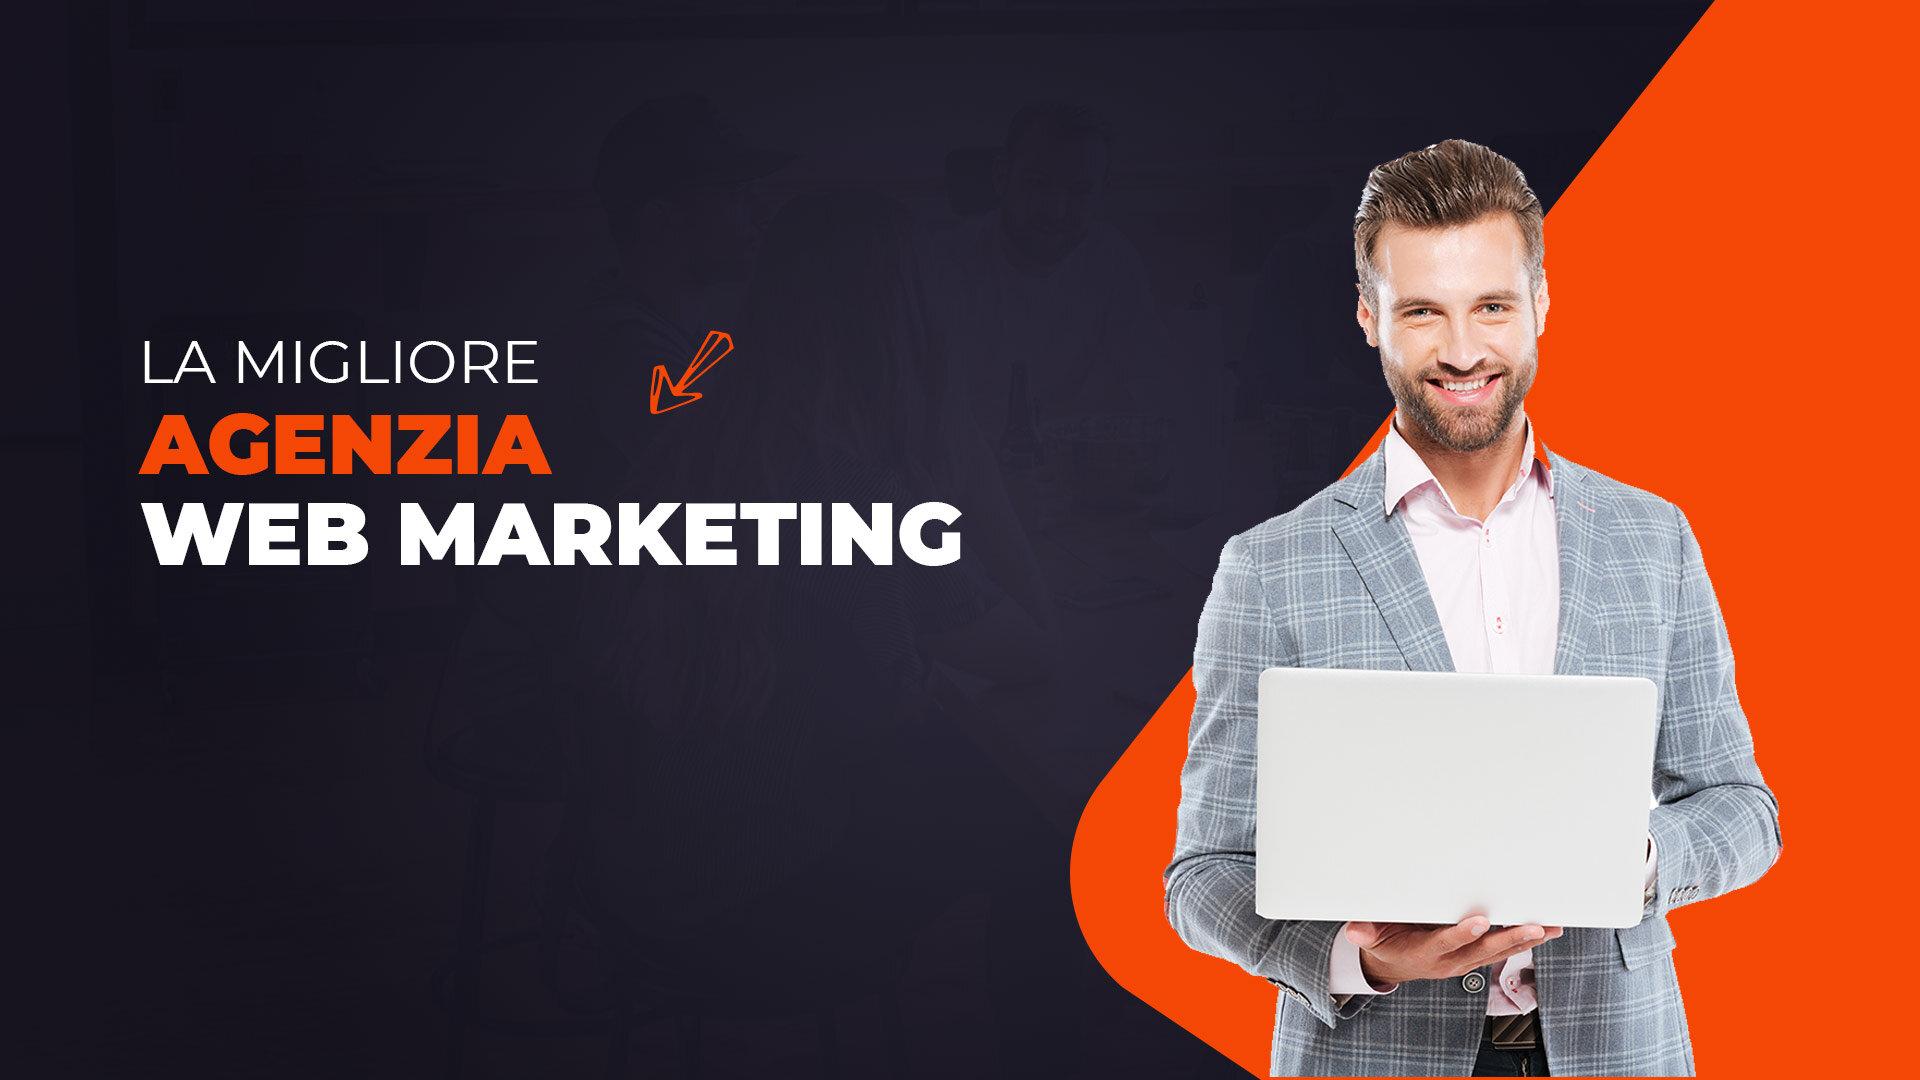 migliore agenzia web marketing